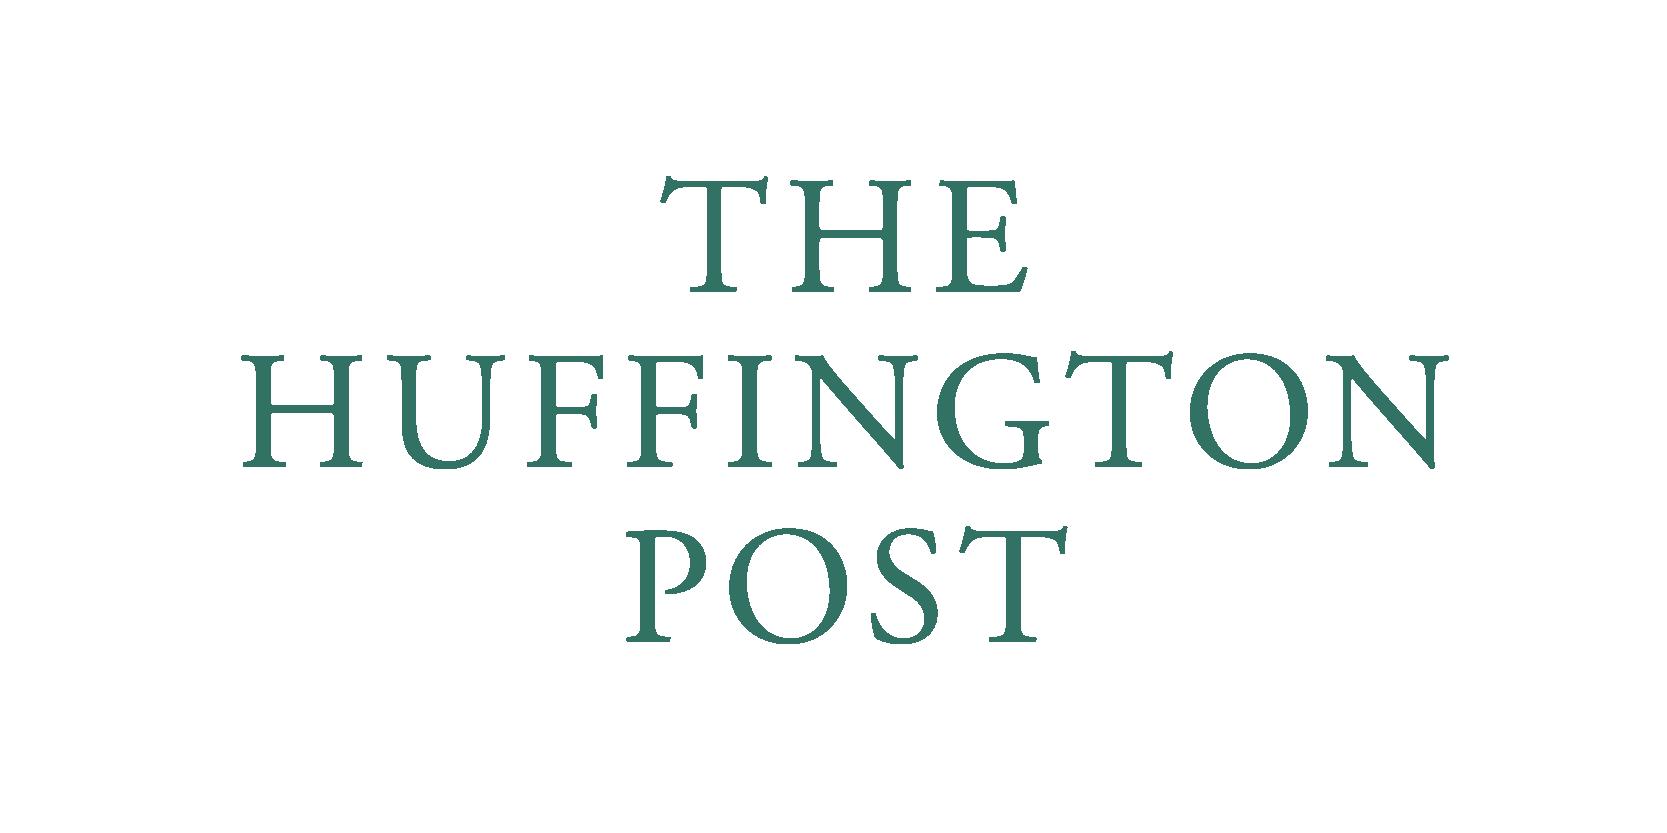 Valley Talks on Huffington Post